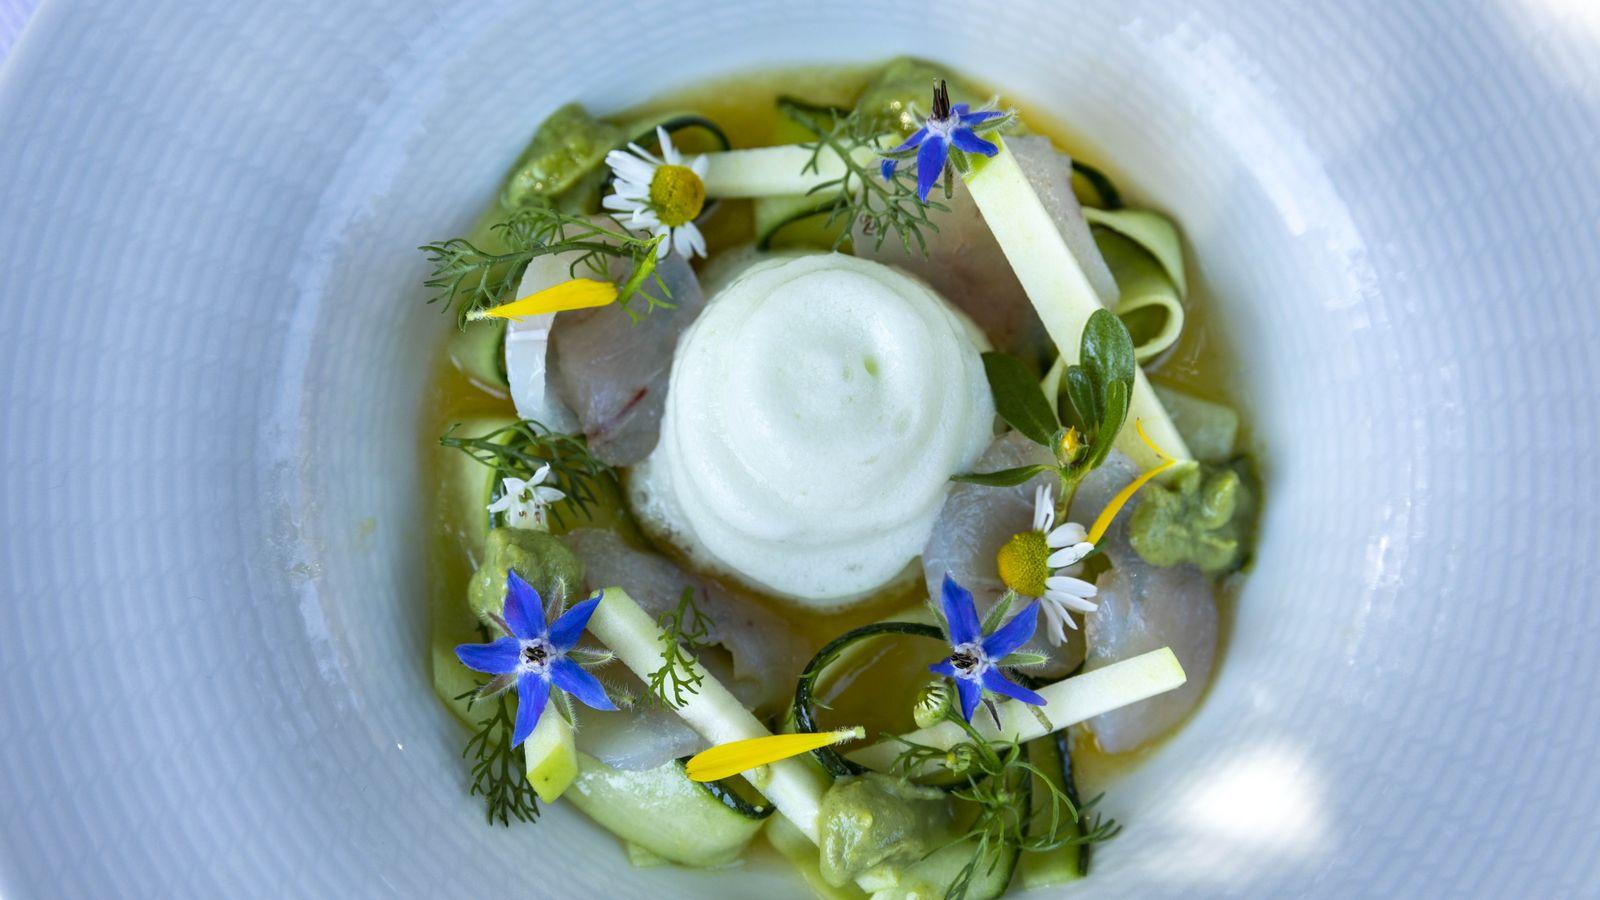 In Mád kreiert Chefkoch Gábor Horváth in seinem Restaurant Gusteau Gerichte, die perfekt zu den süffigen ...